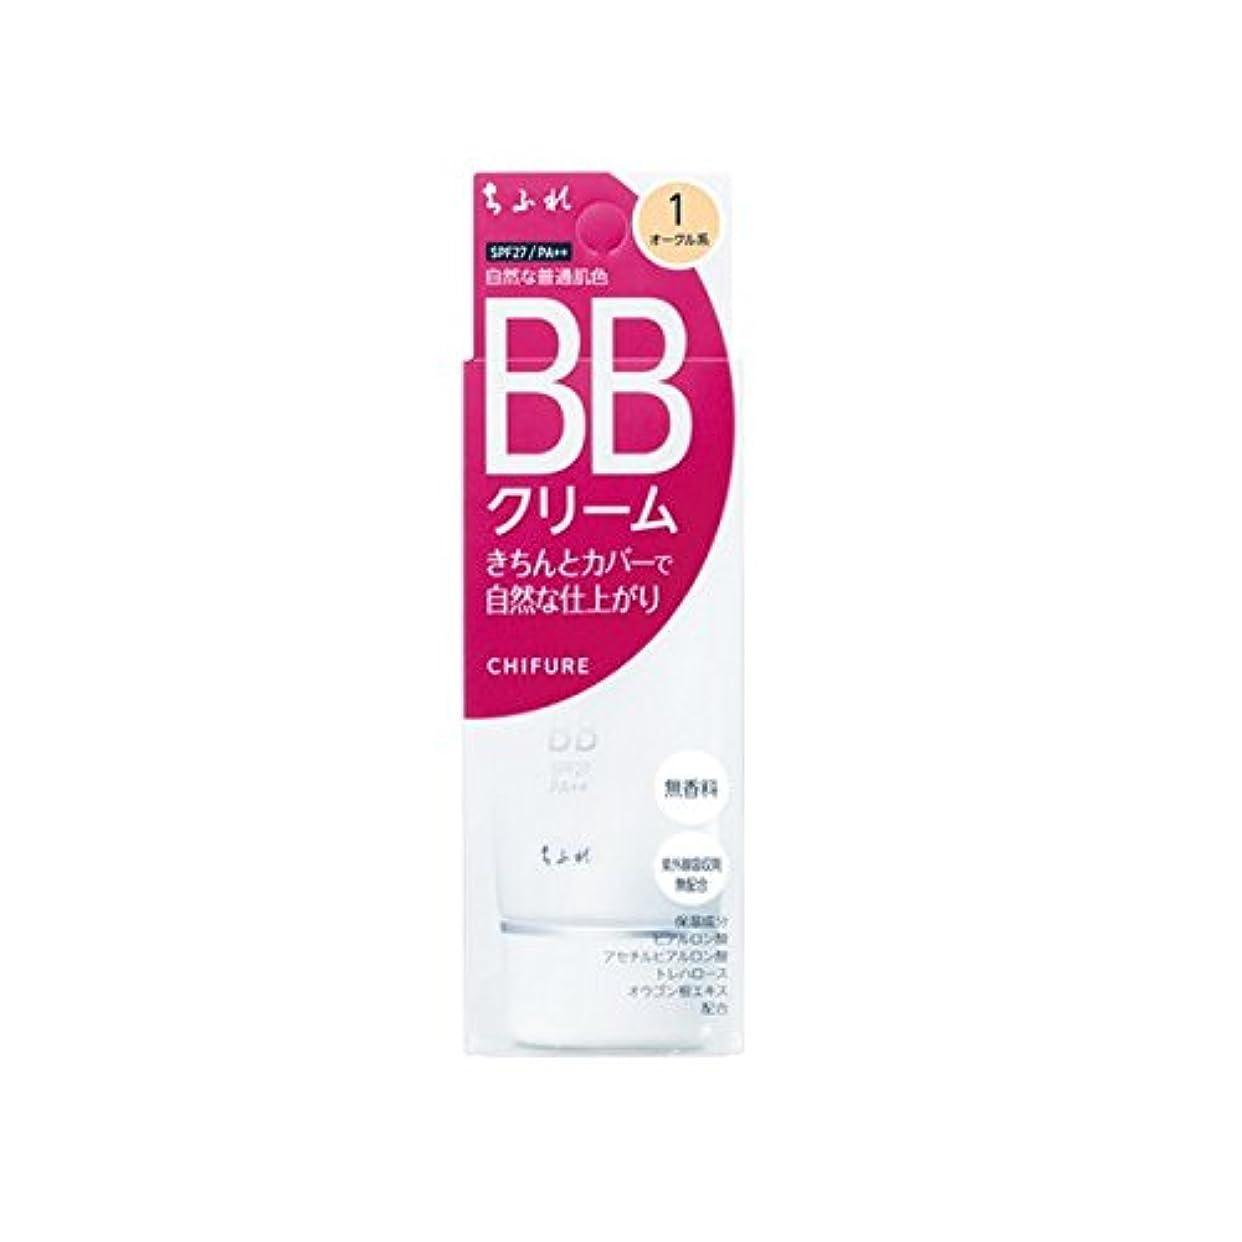 観察する運動不均一ちふれ化粧品 BB クリーム 1 自然な普通肌色 BBクリーム 1